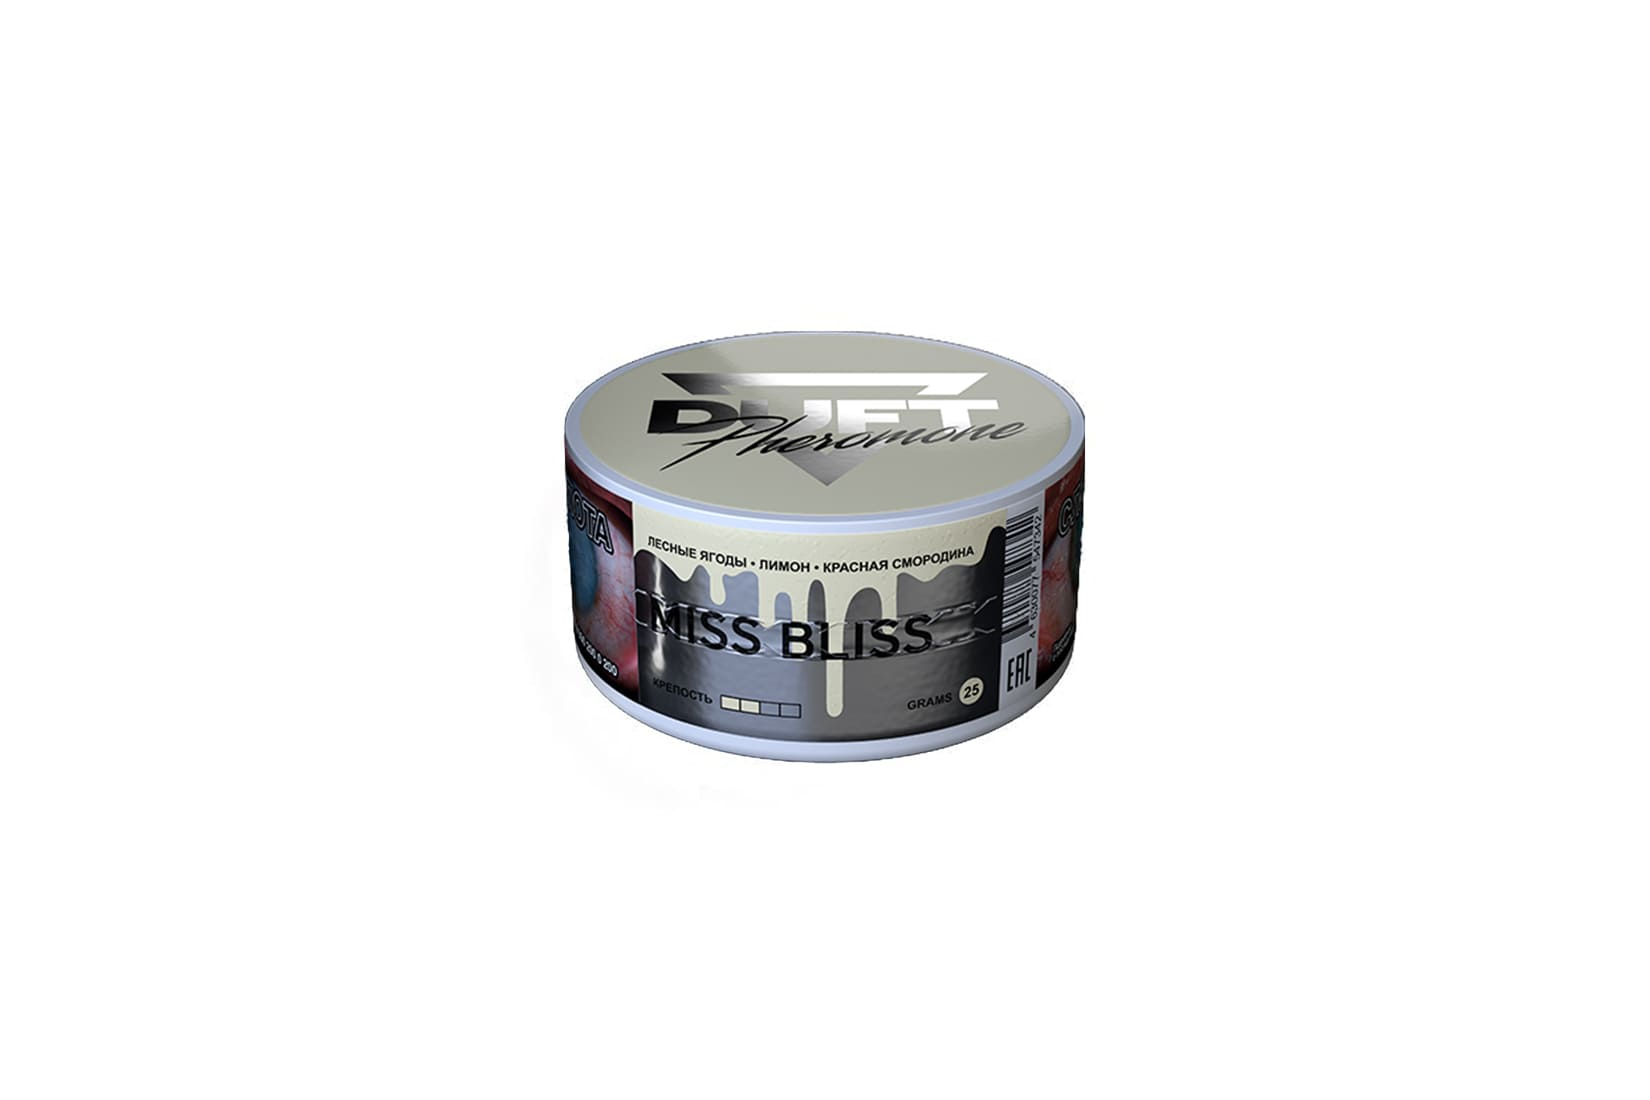 Табак для кальяна Duft Pheromon MISS BLISS: описание, миксы, отзывы